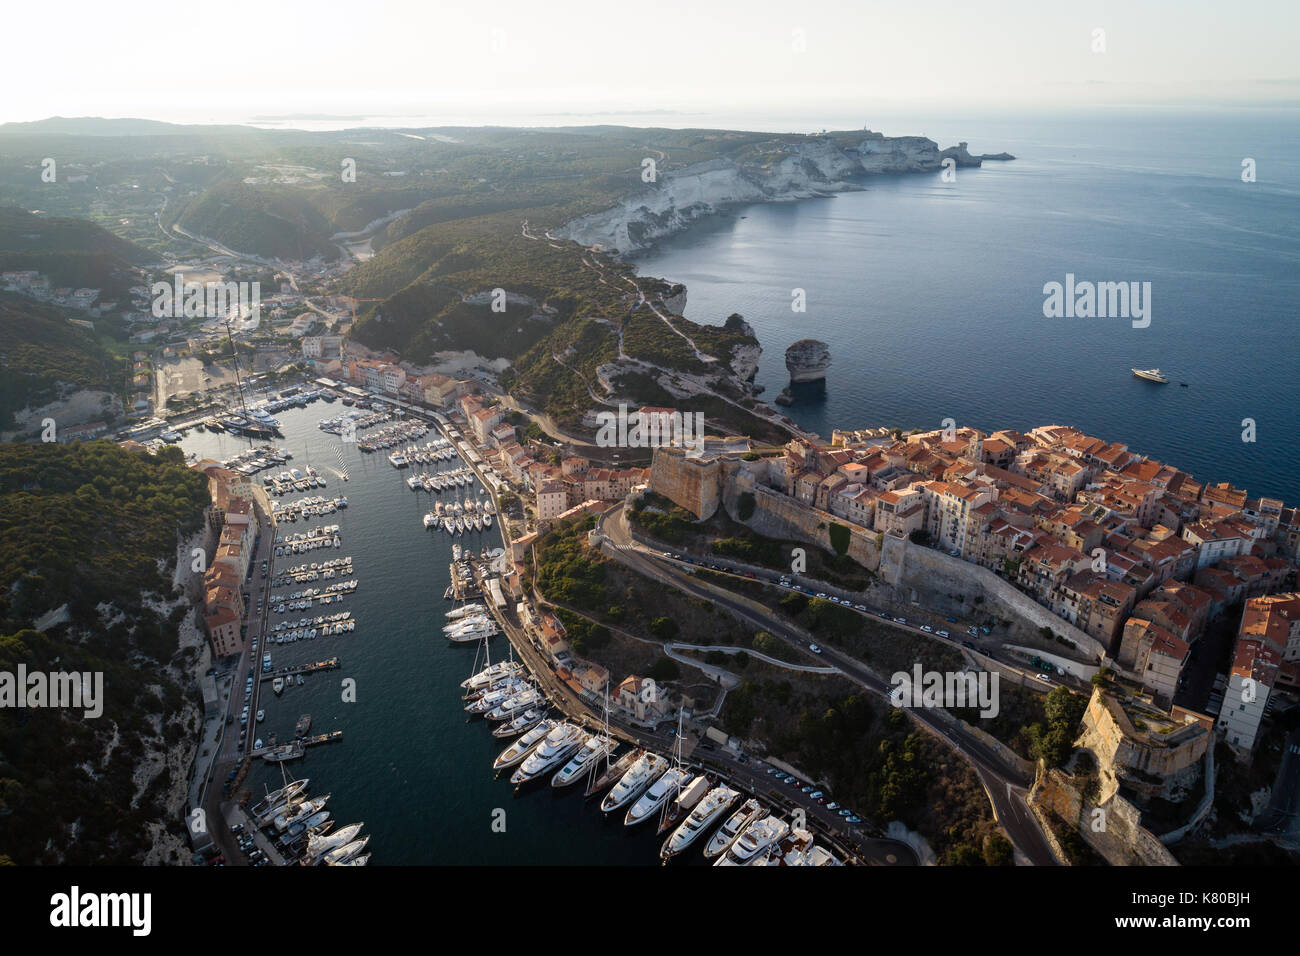 Vista aerea di barche e yacht in marina della città storica di Bonifacio, Corsica, Francia Immagini Stock